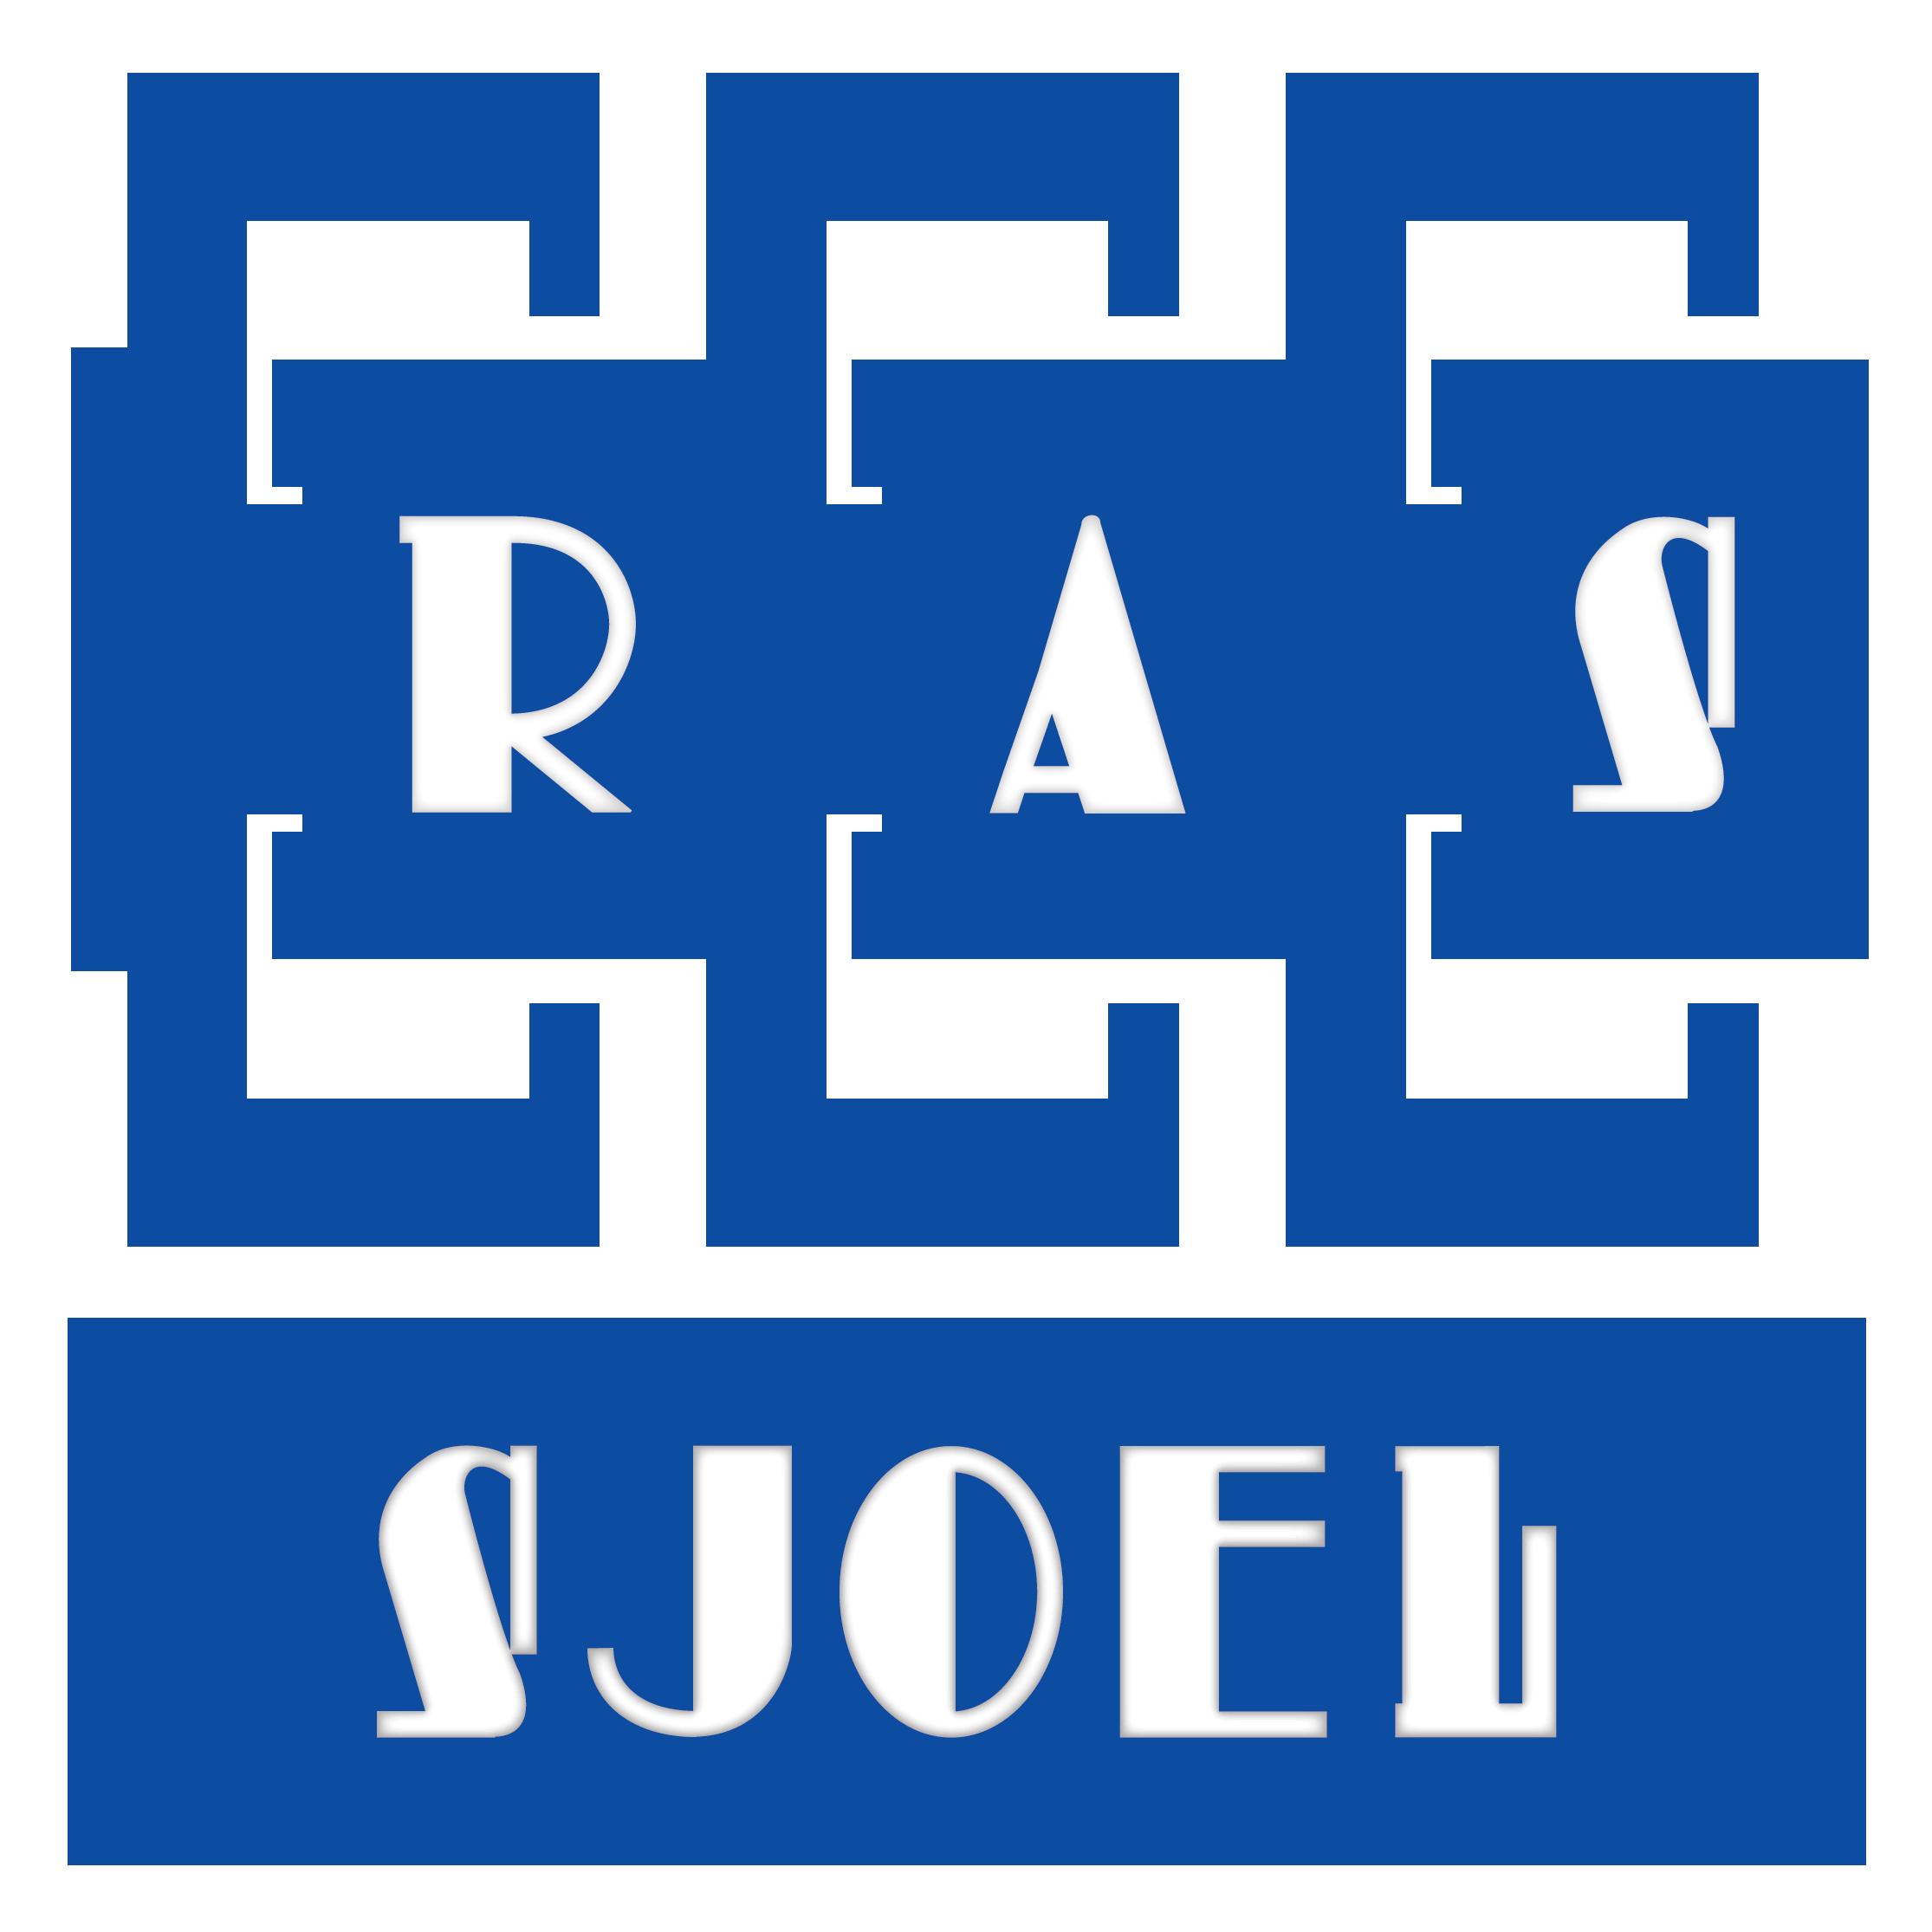 RAS Sjoel